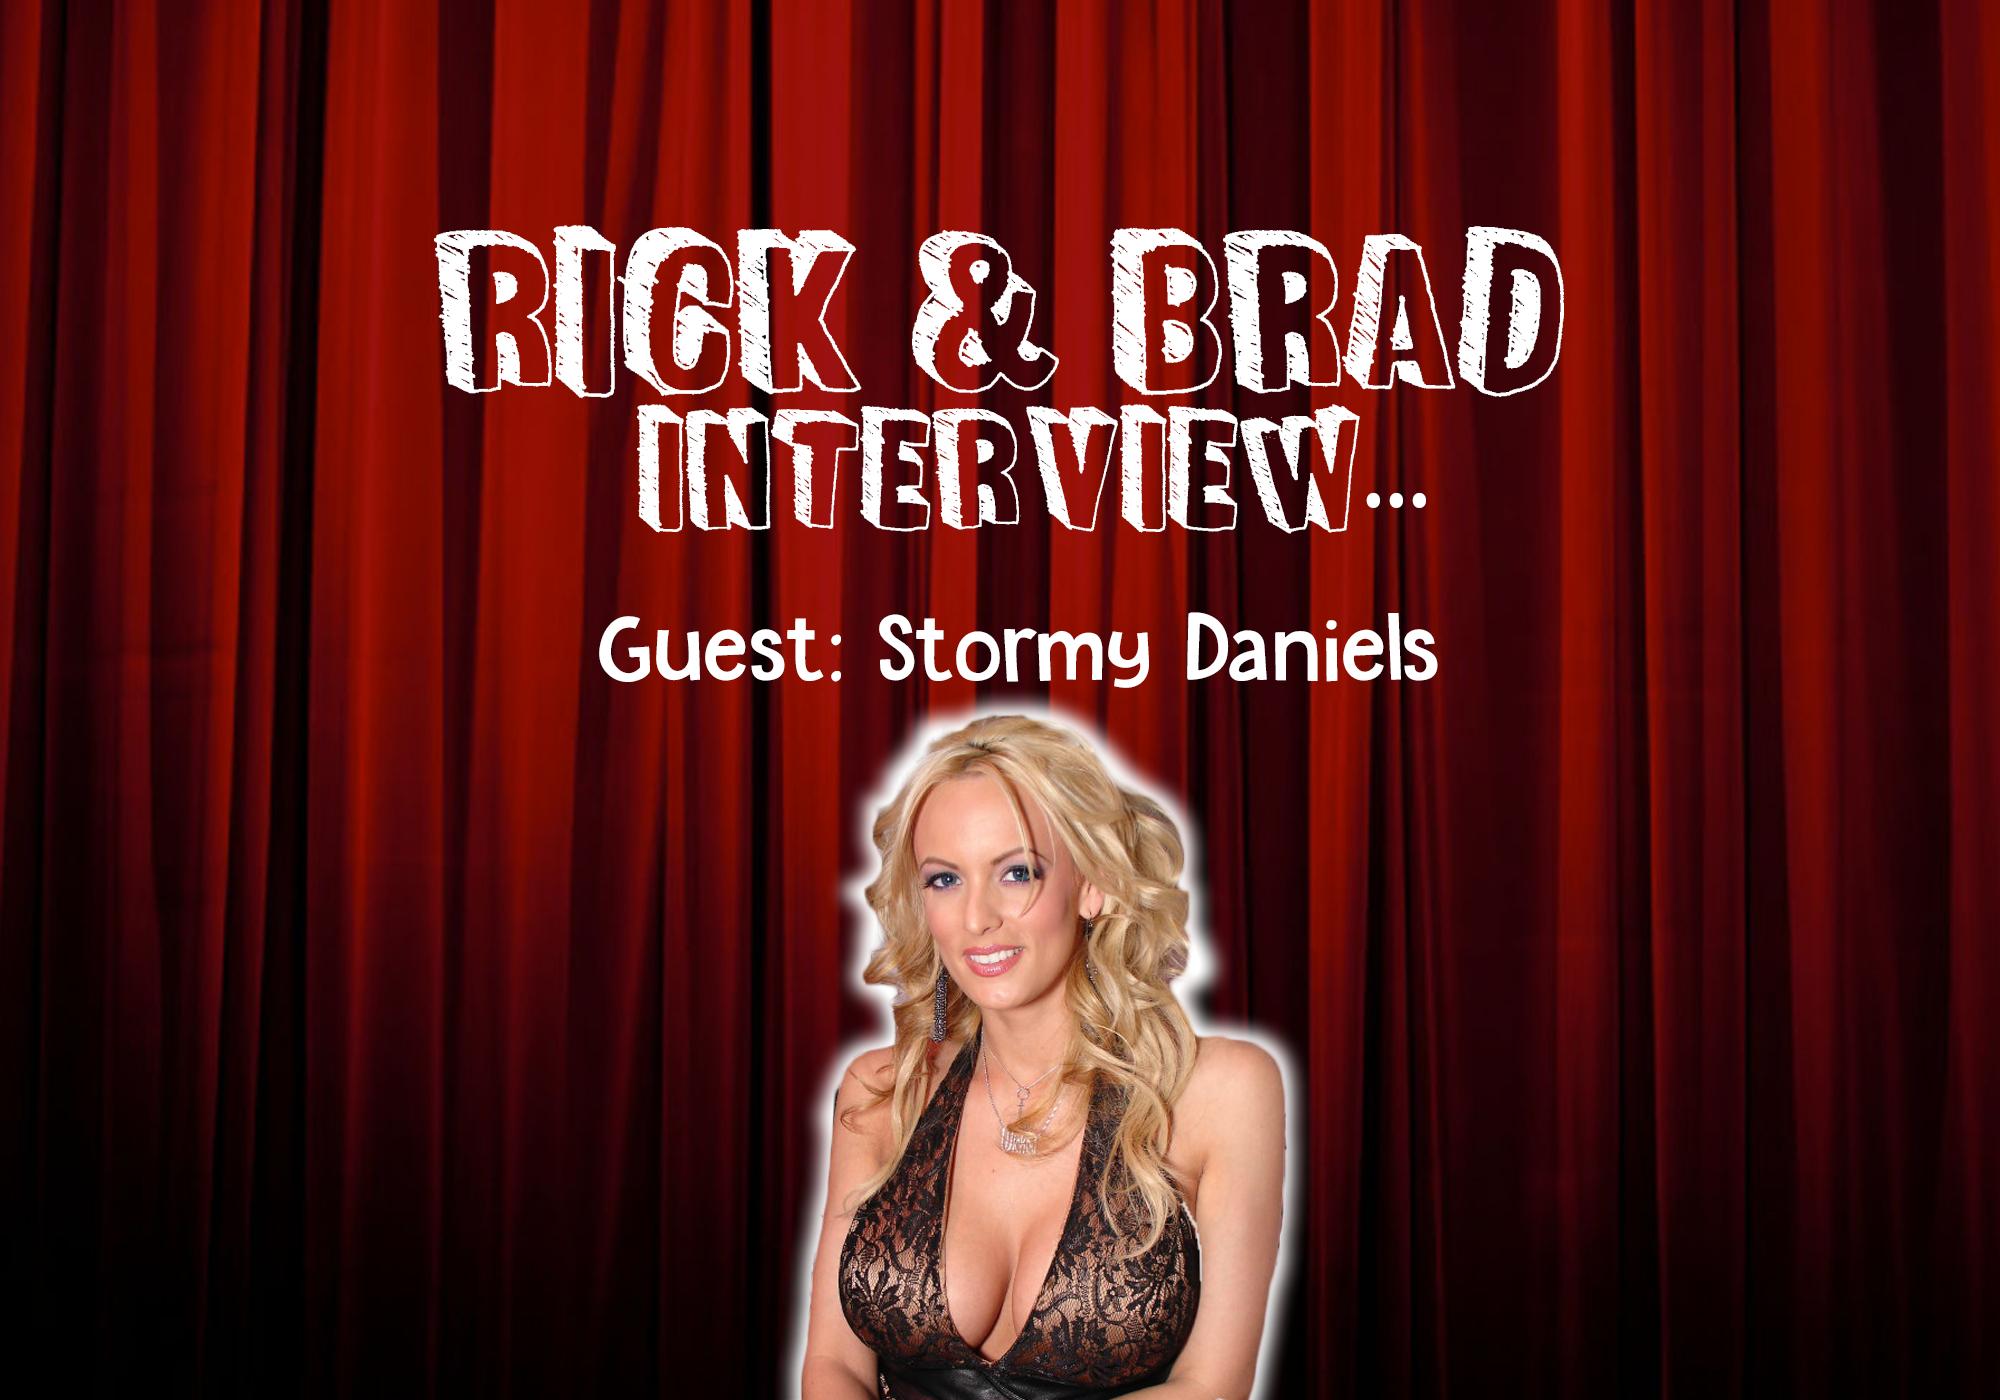 Rick & Brad Interview Stormy Daniels